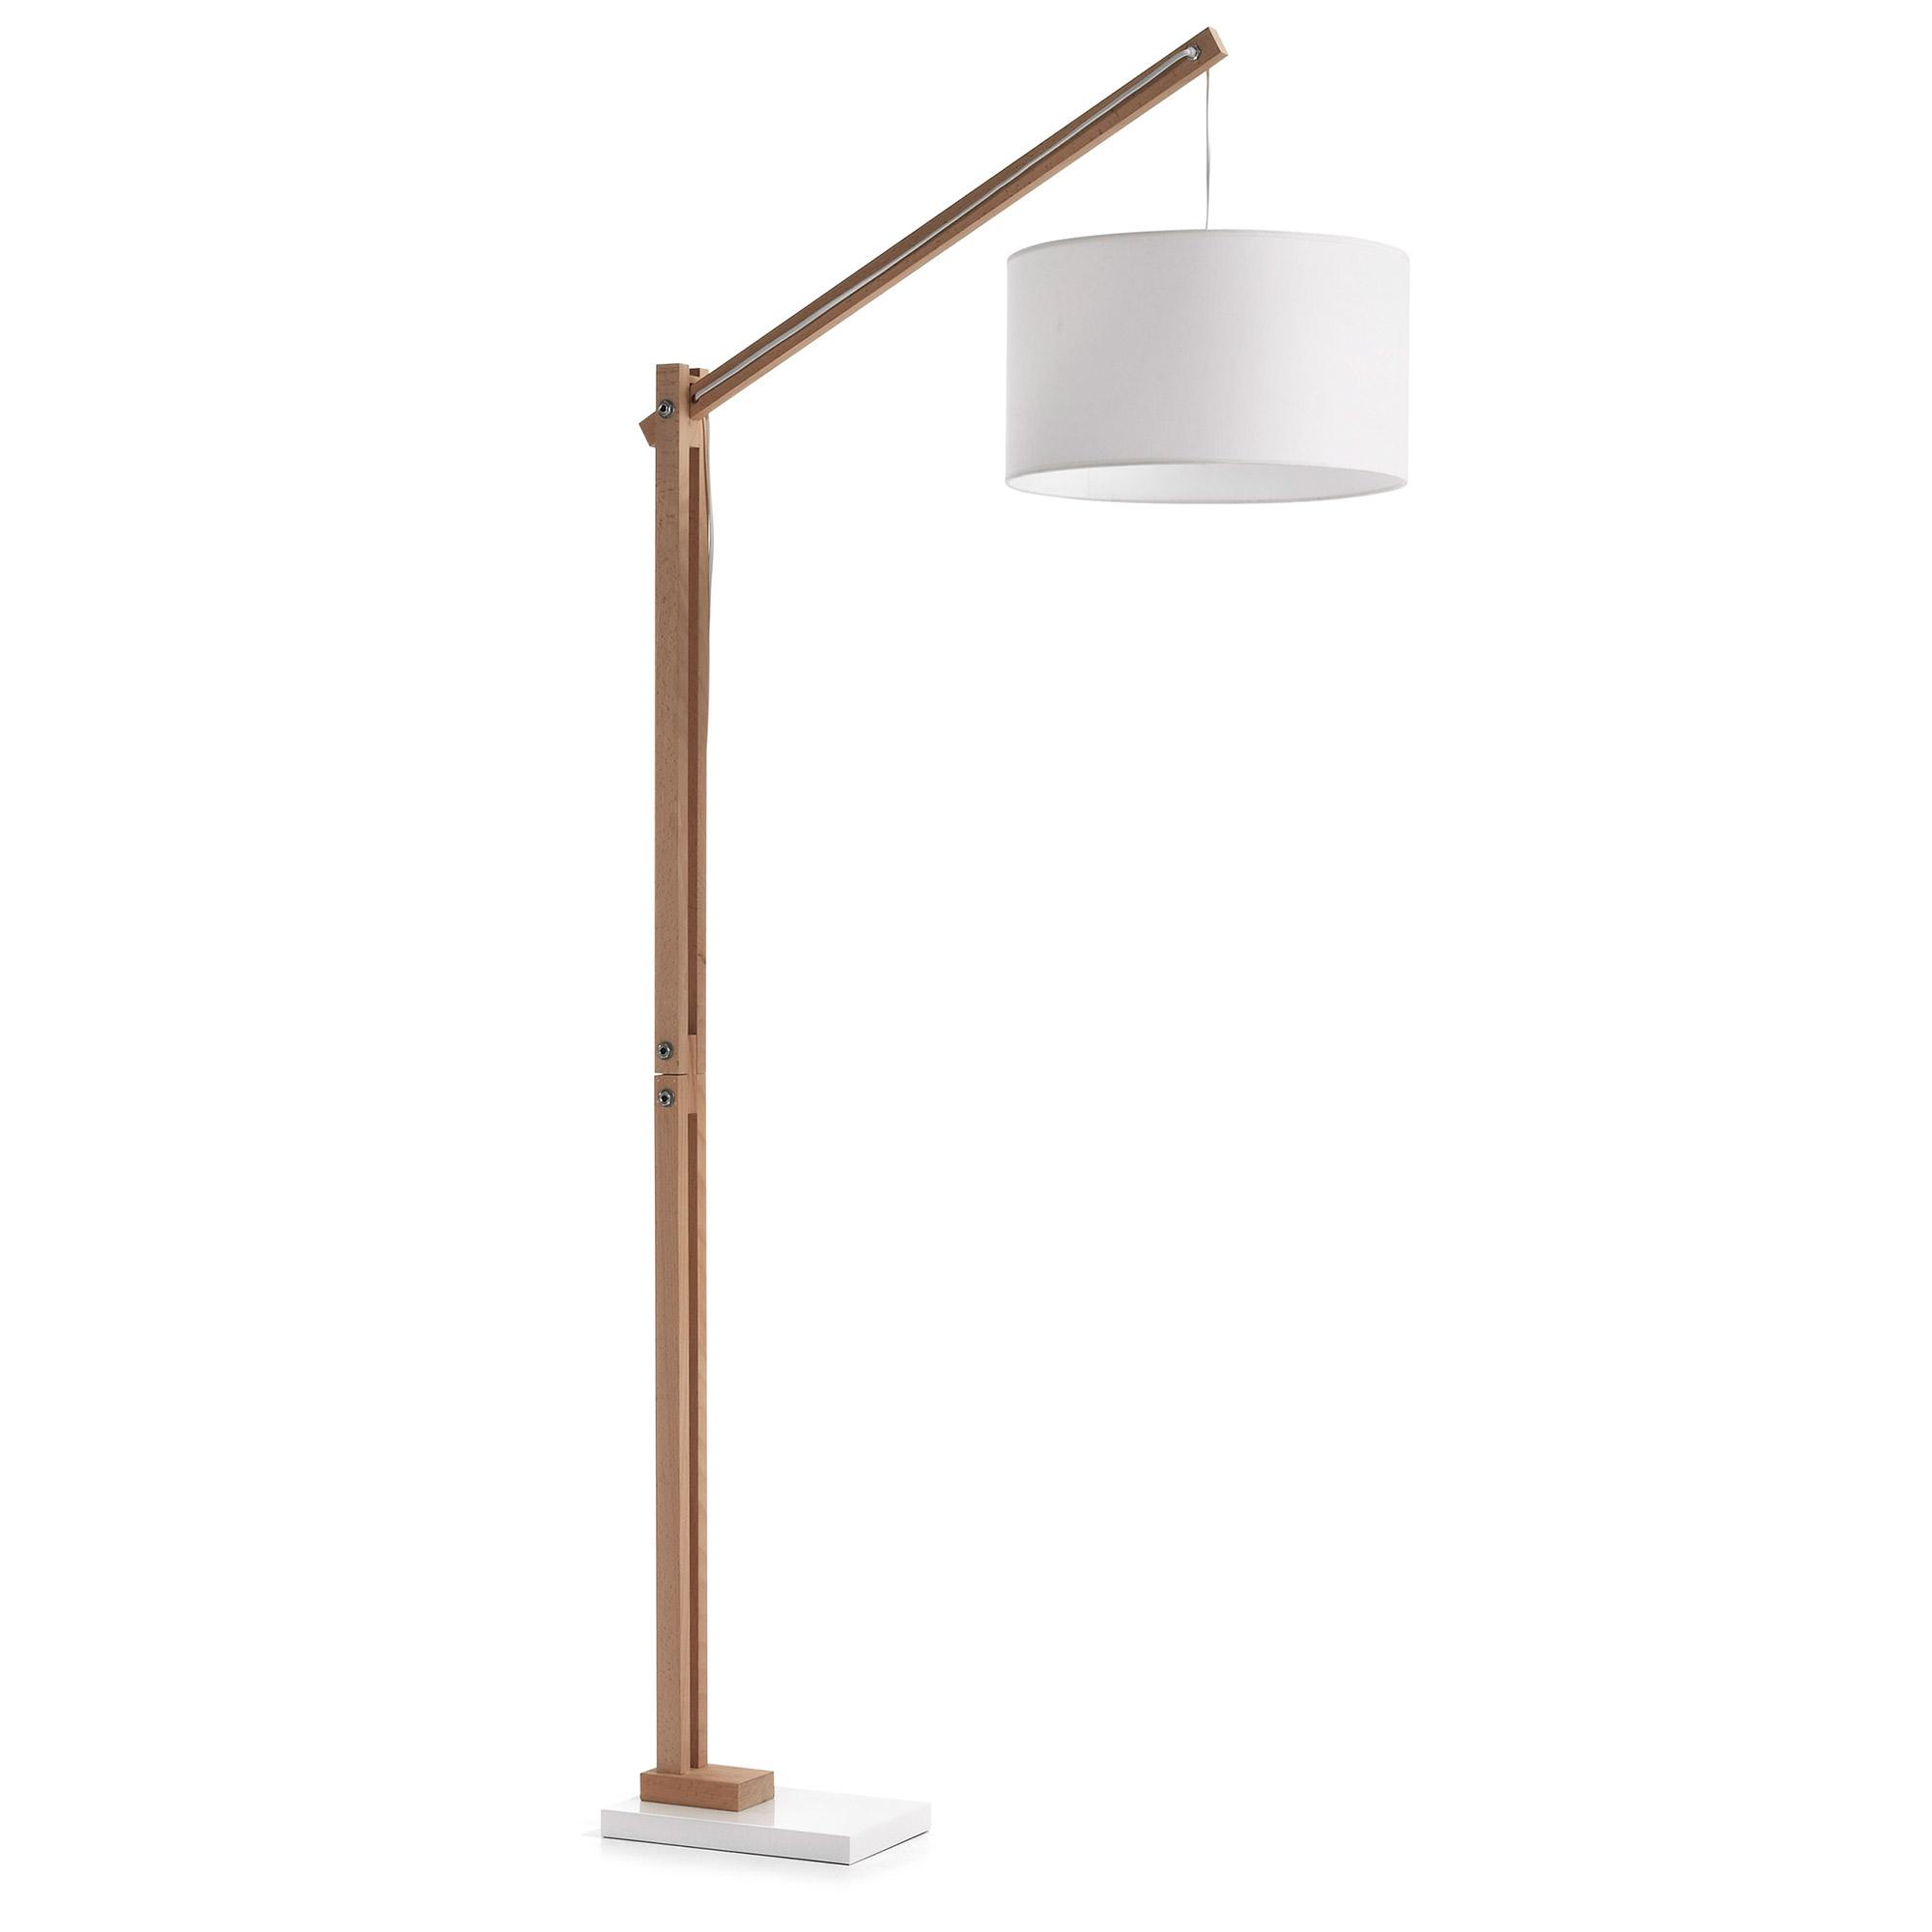 Laforma izar gulvlampe - natur træ og hvid metal/bomuld fra laforma på boboonline.dk